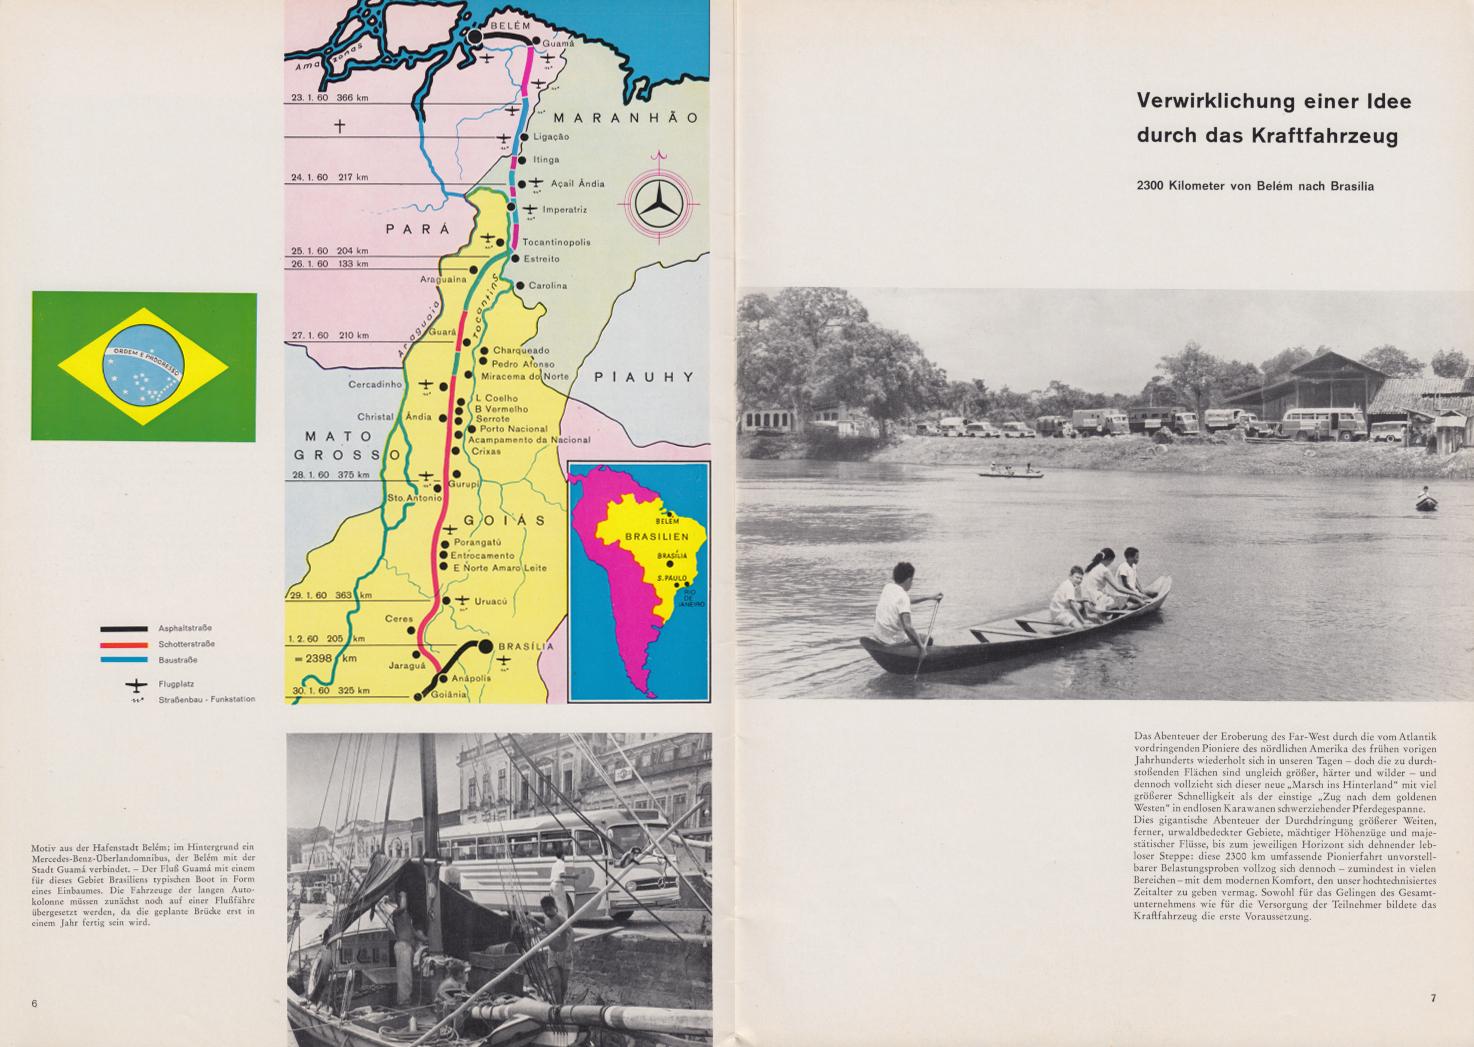 (REVISTA): Periódico In aller welt n.º 42 - Mercedes-Benz no mundo - 1960 - multilingue - com imagens do Brasil e construção de Brasília 004